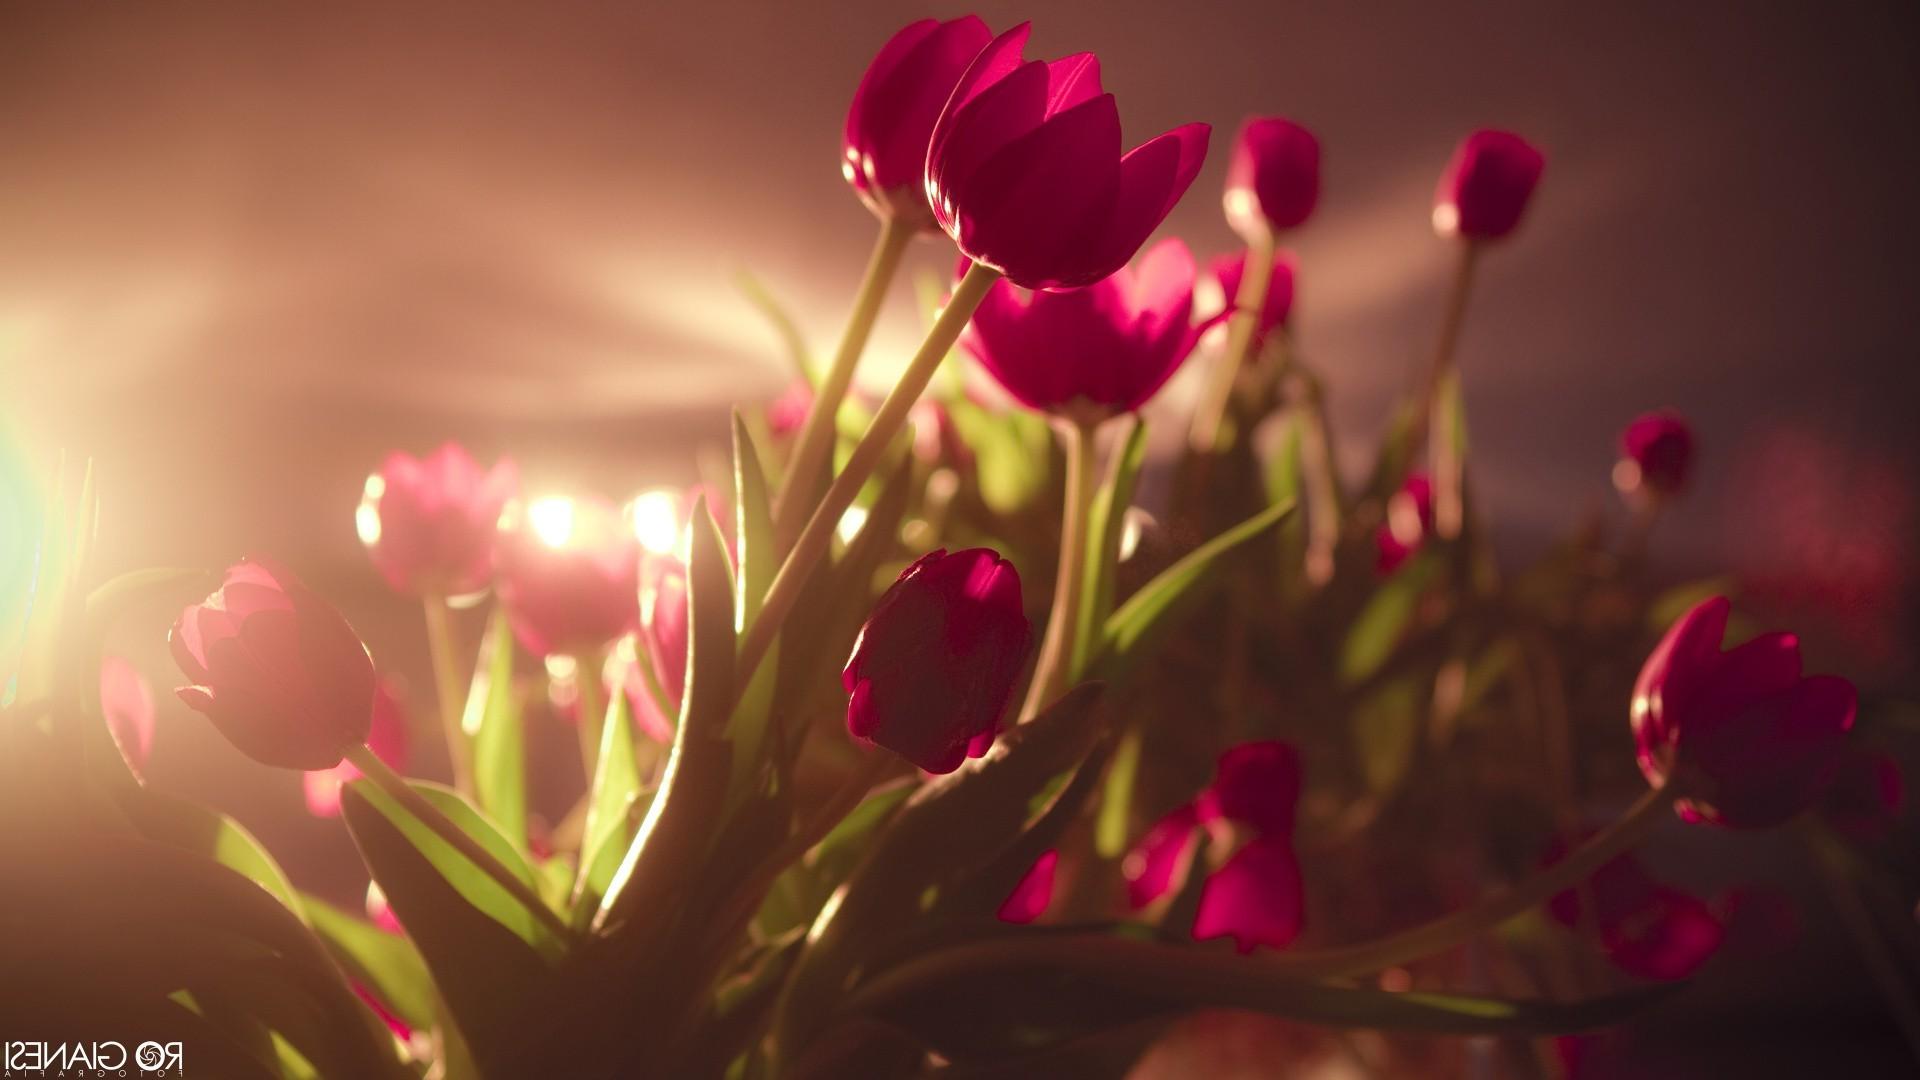 Tulip Flower Hd Wallpaper - Pink Flowers In Sunlight , HD Wallpaper & Backgrounds